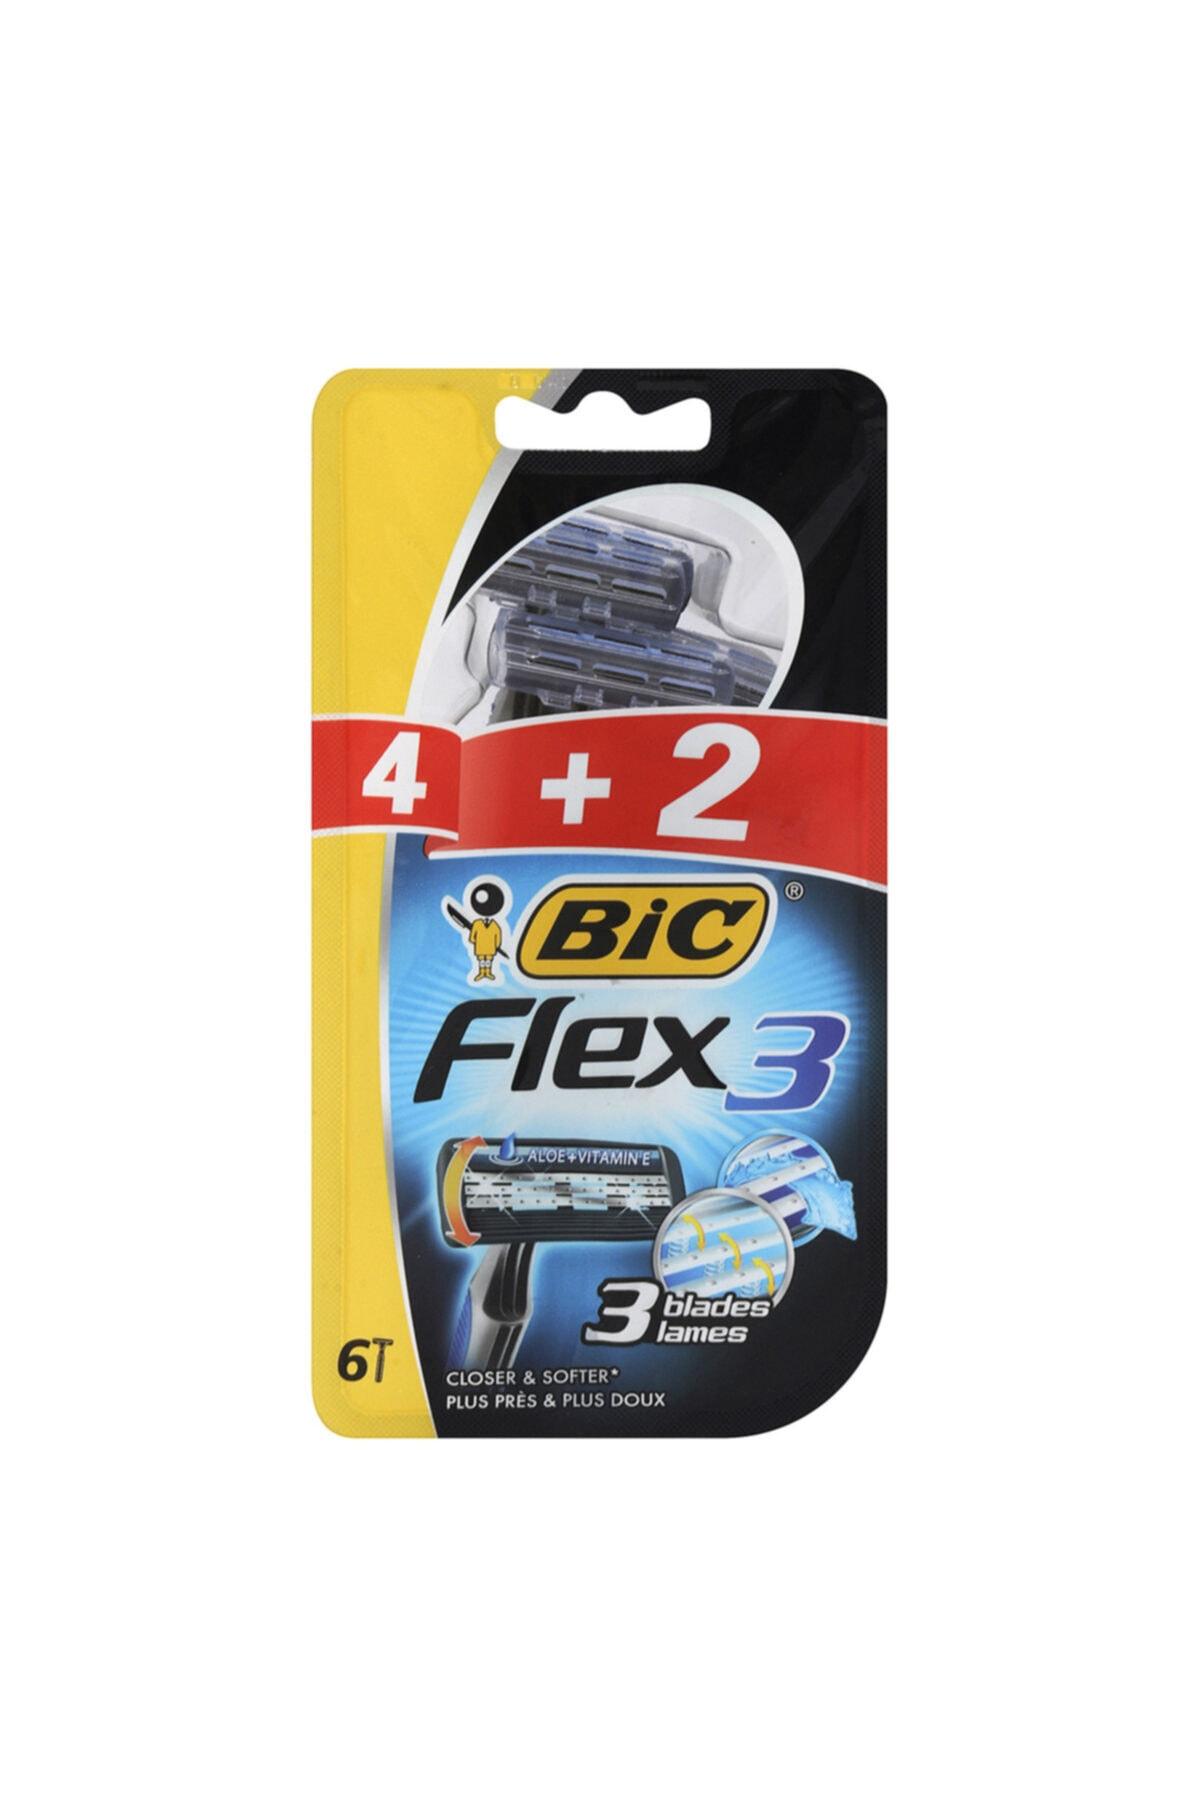 Bic Flex 3 Tıraş Bıçağı 4+2 1